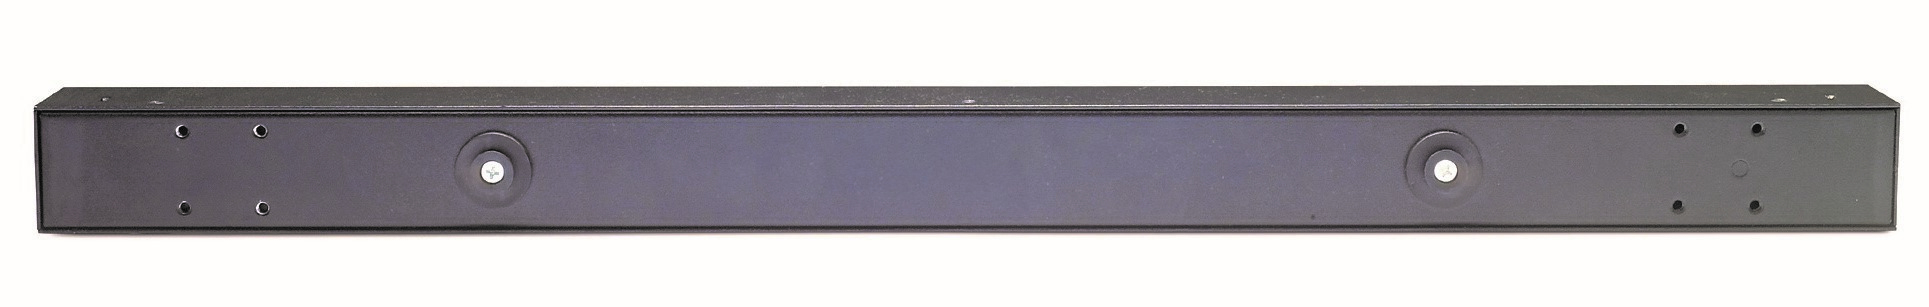 APC Basic Rack PDU AP9572 unidad de distribución de energía (PDU) 0U Negro 15 salidas AC